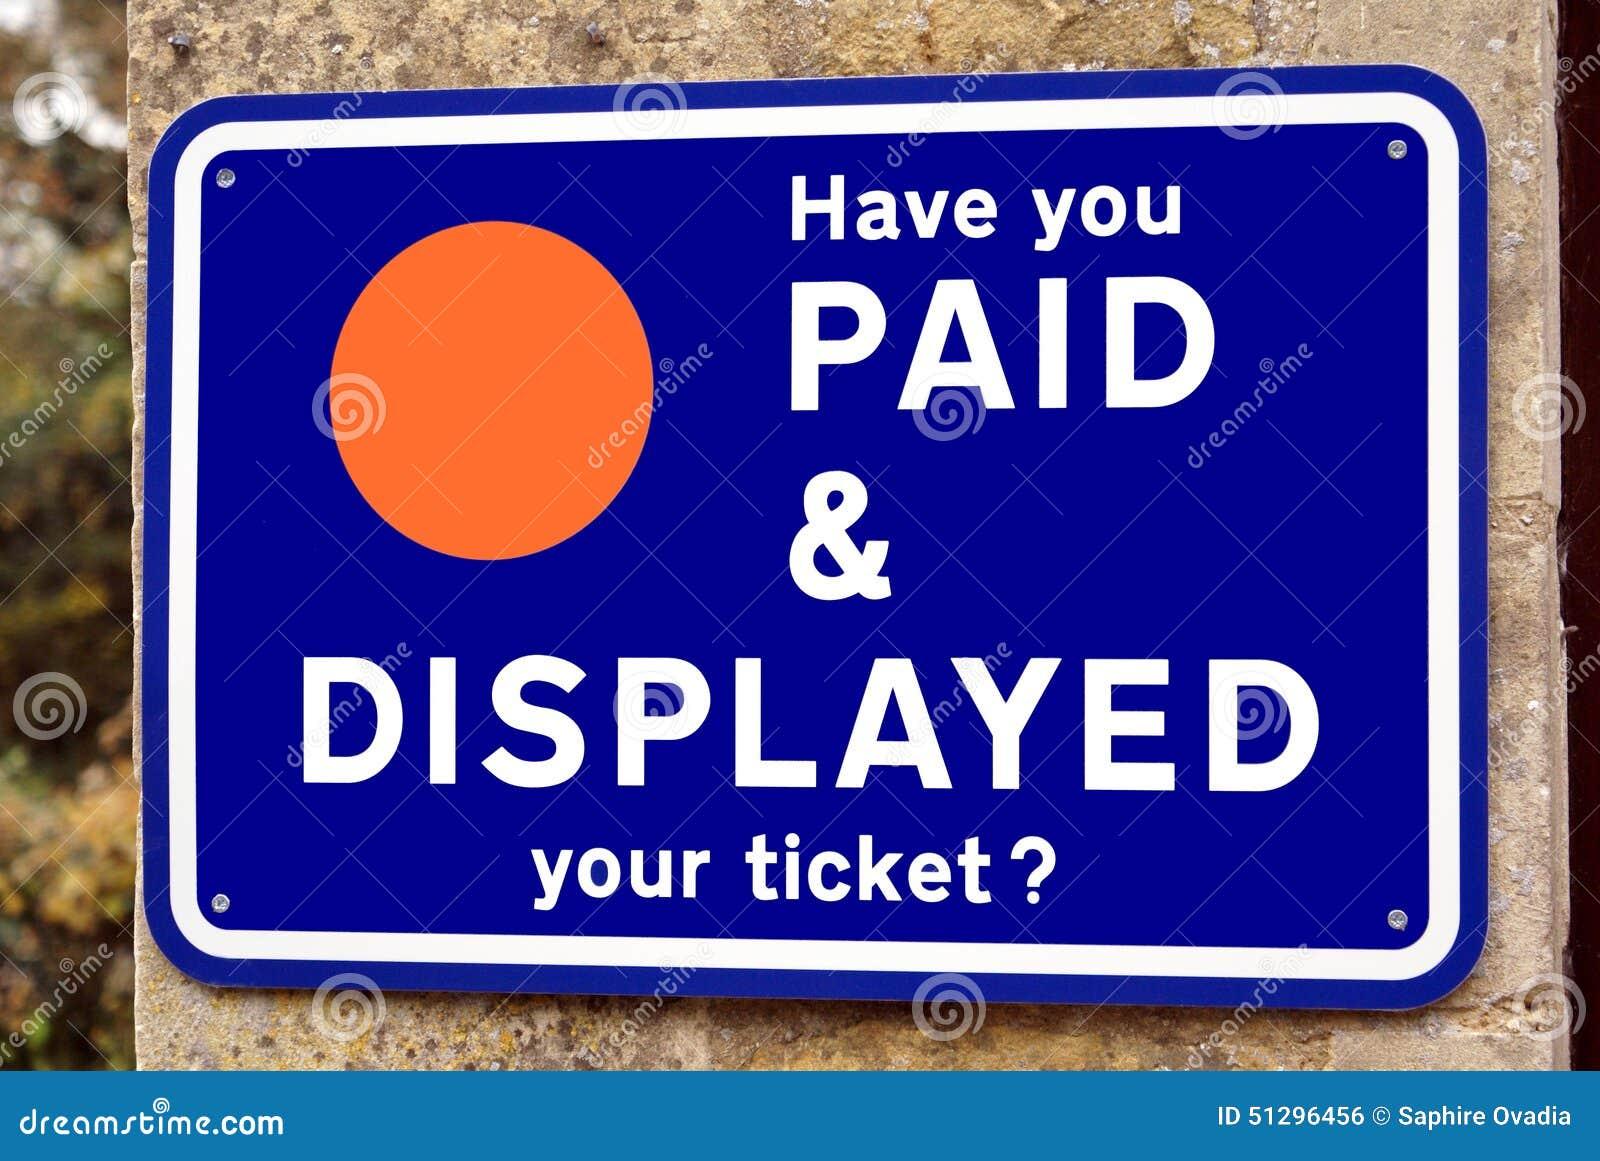 Hebt u uw kaartje betaald & getoond? teken